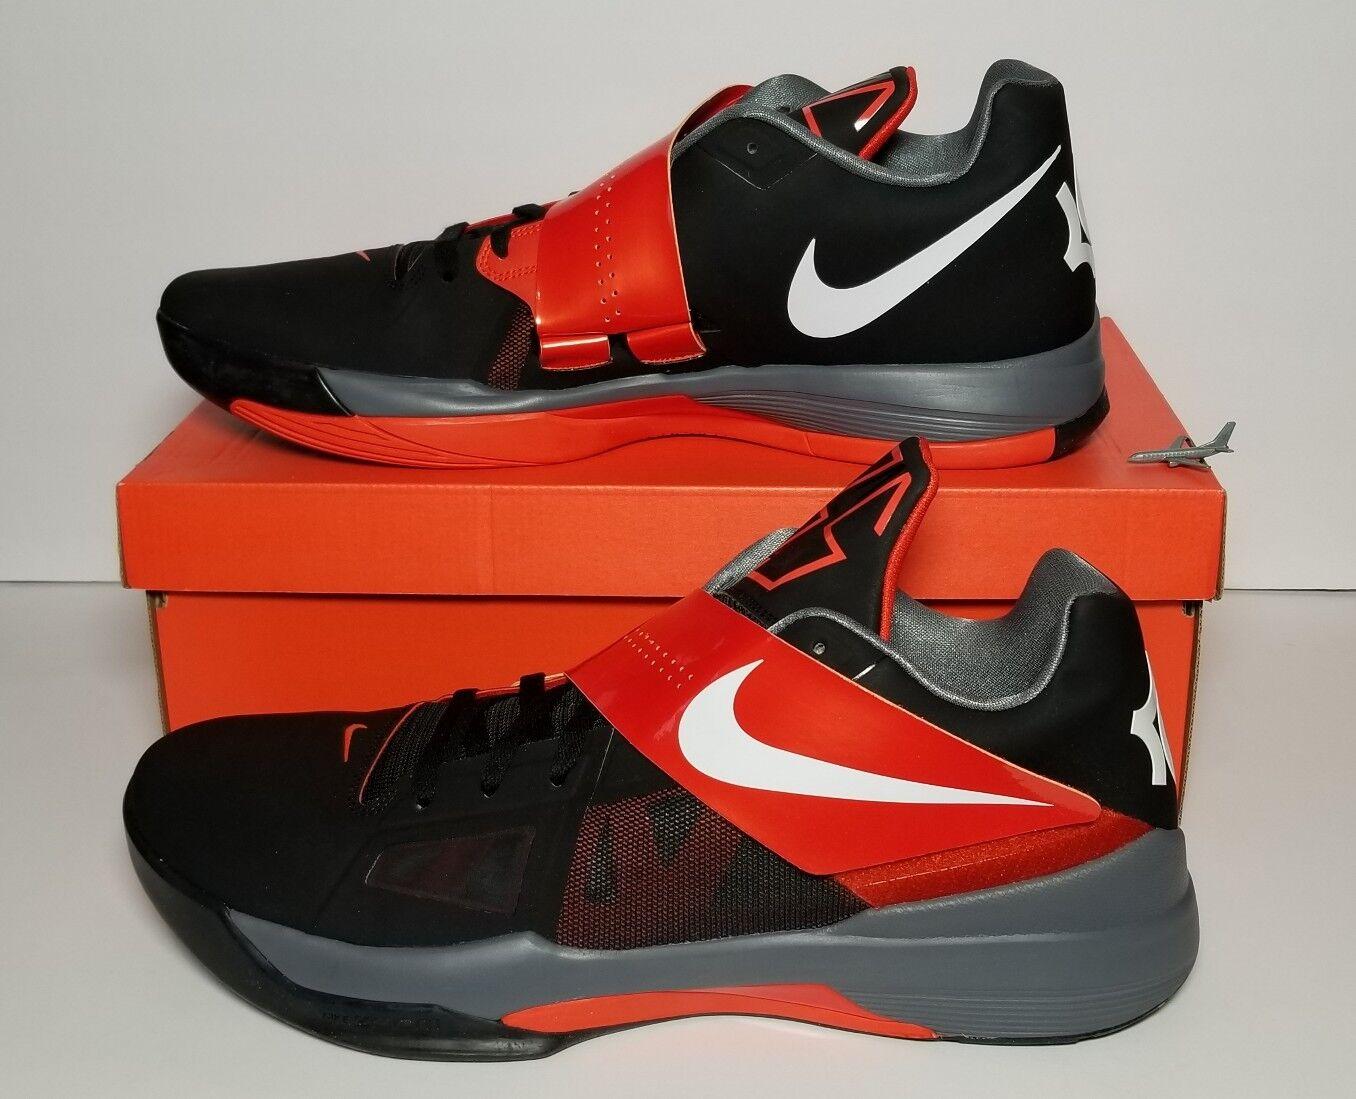 online retailer 16aca 1b6ae Nike Zoom KD IV Hombre Hombre Hombre Talla 18 nuevo en caja Kevin Durant  raro473679 005